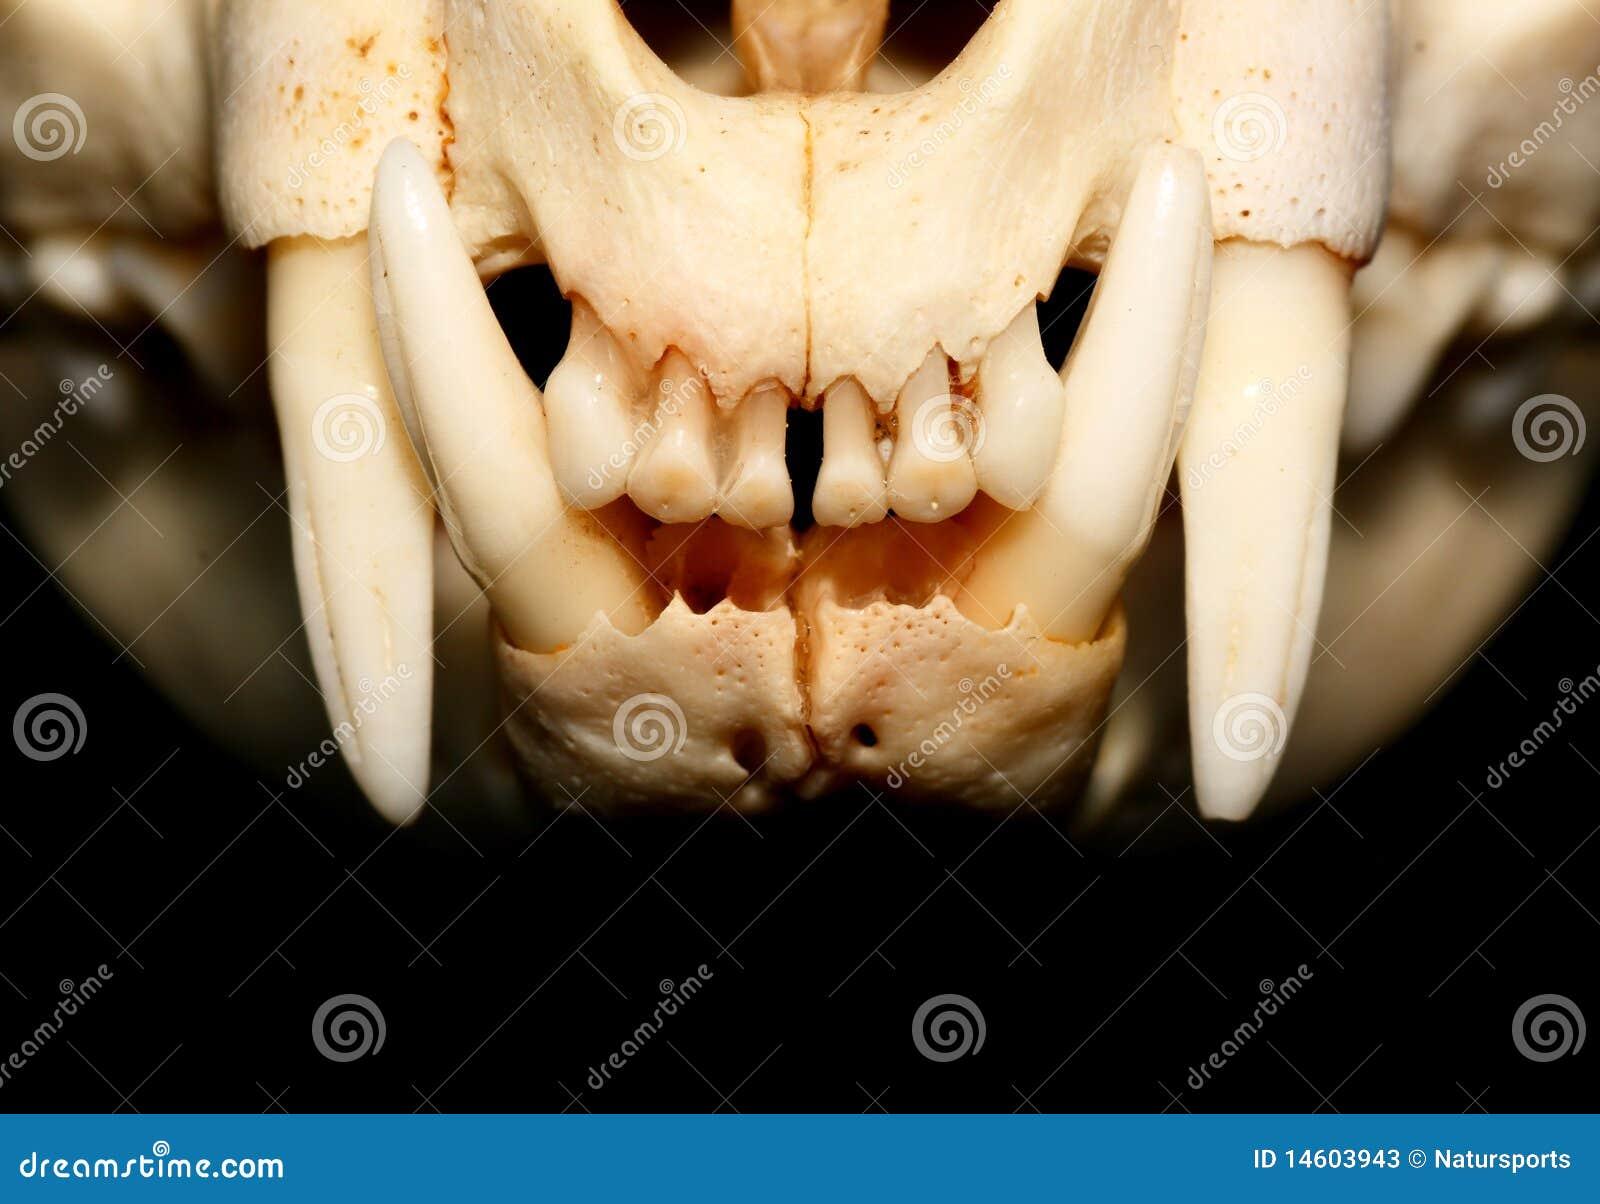 Ziemlich Zahn Anatomie Und Physiologie Bilder - Anatomie Von ...